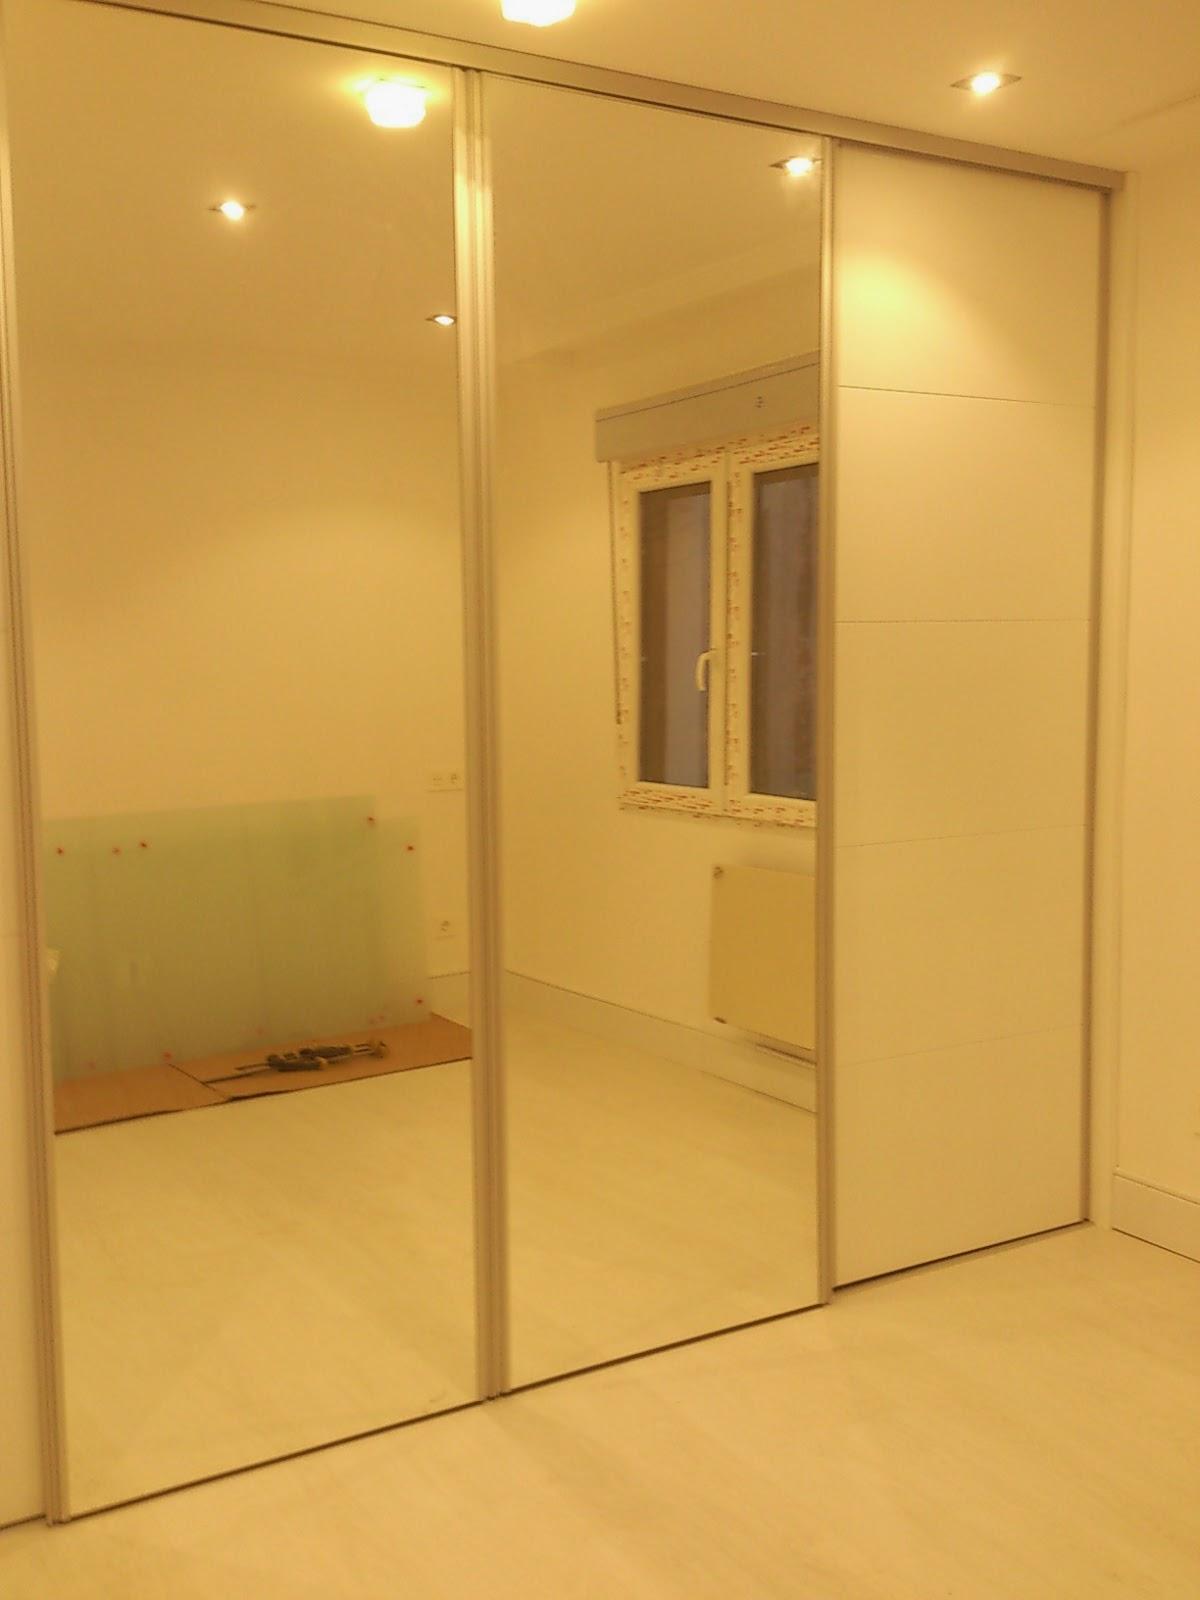 Interiorismo y decoracion lola torga el antes y despu s - Armarios para entradas ...